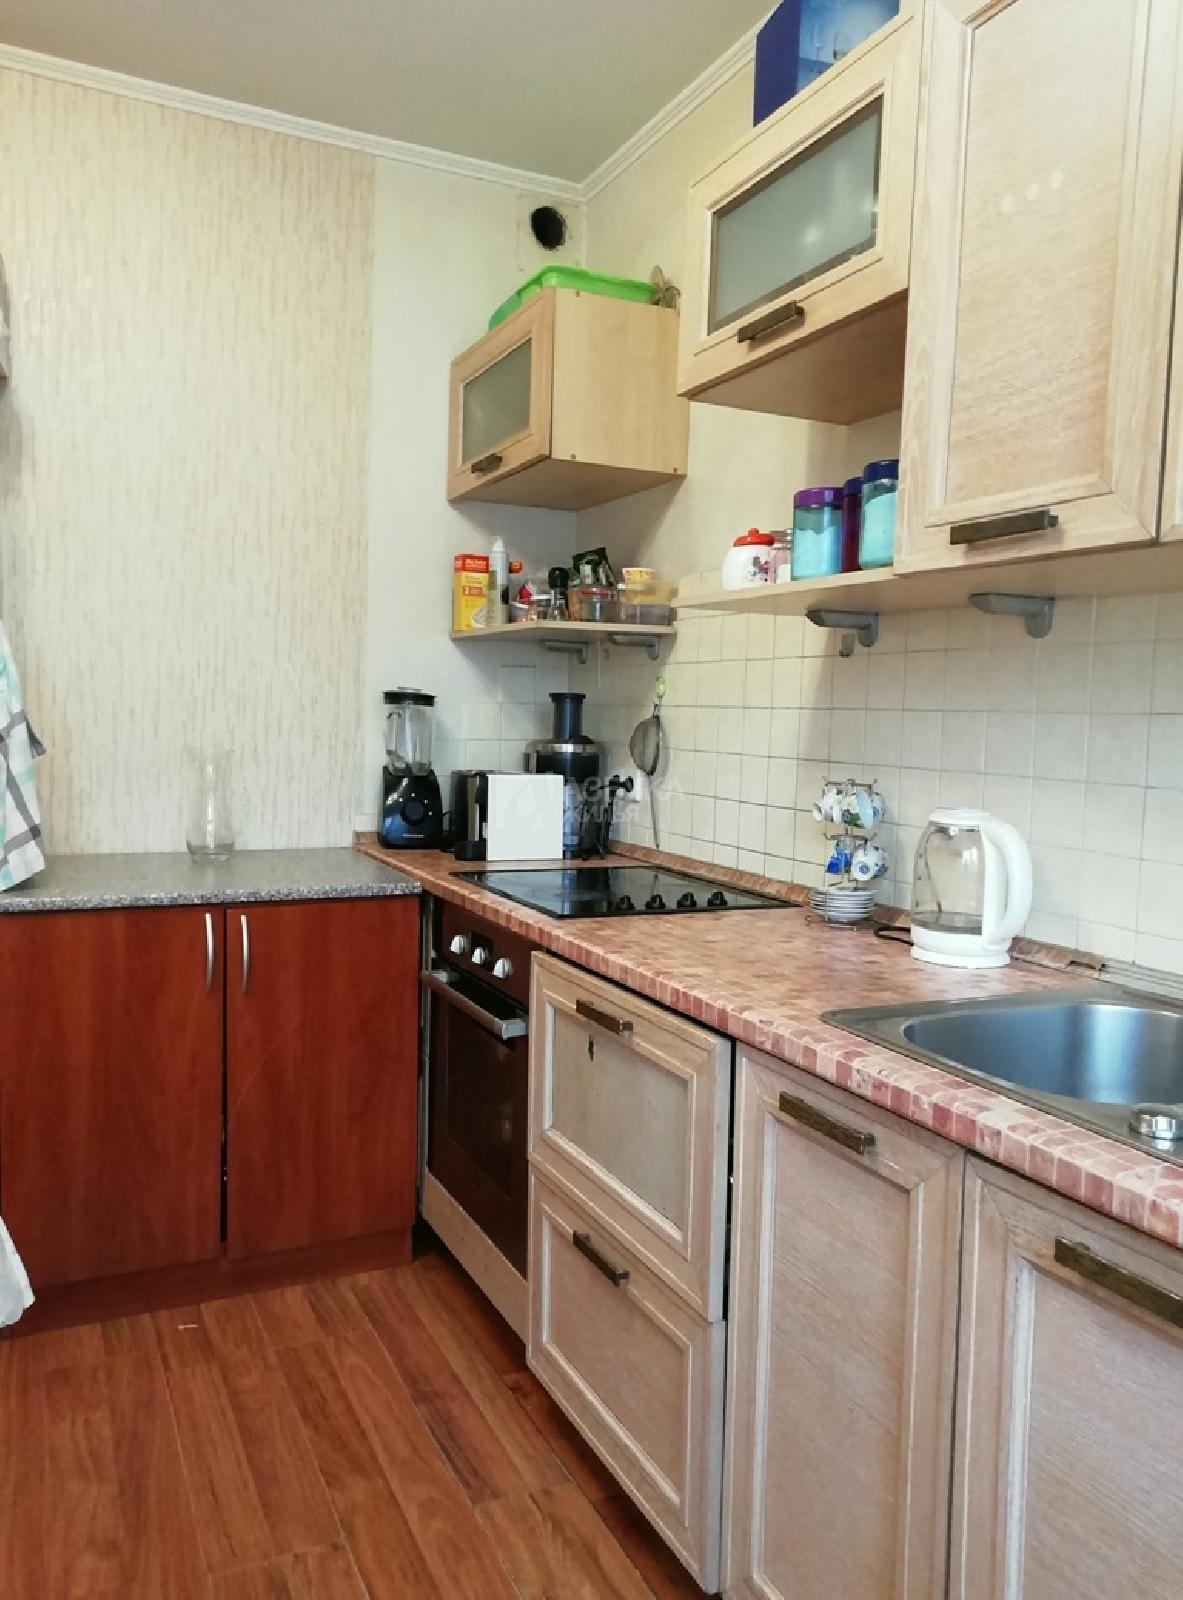 Фото №16 - 2-комнатная квартира, Москва, Загородное шоссе 8 корпус 2, метро Крымская